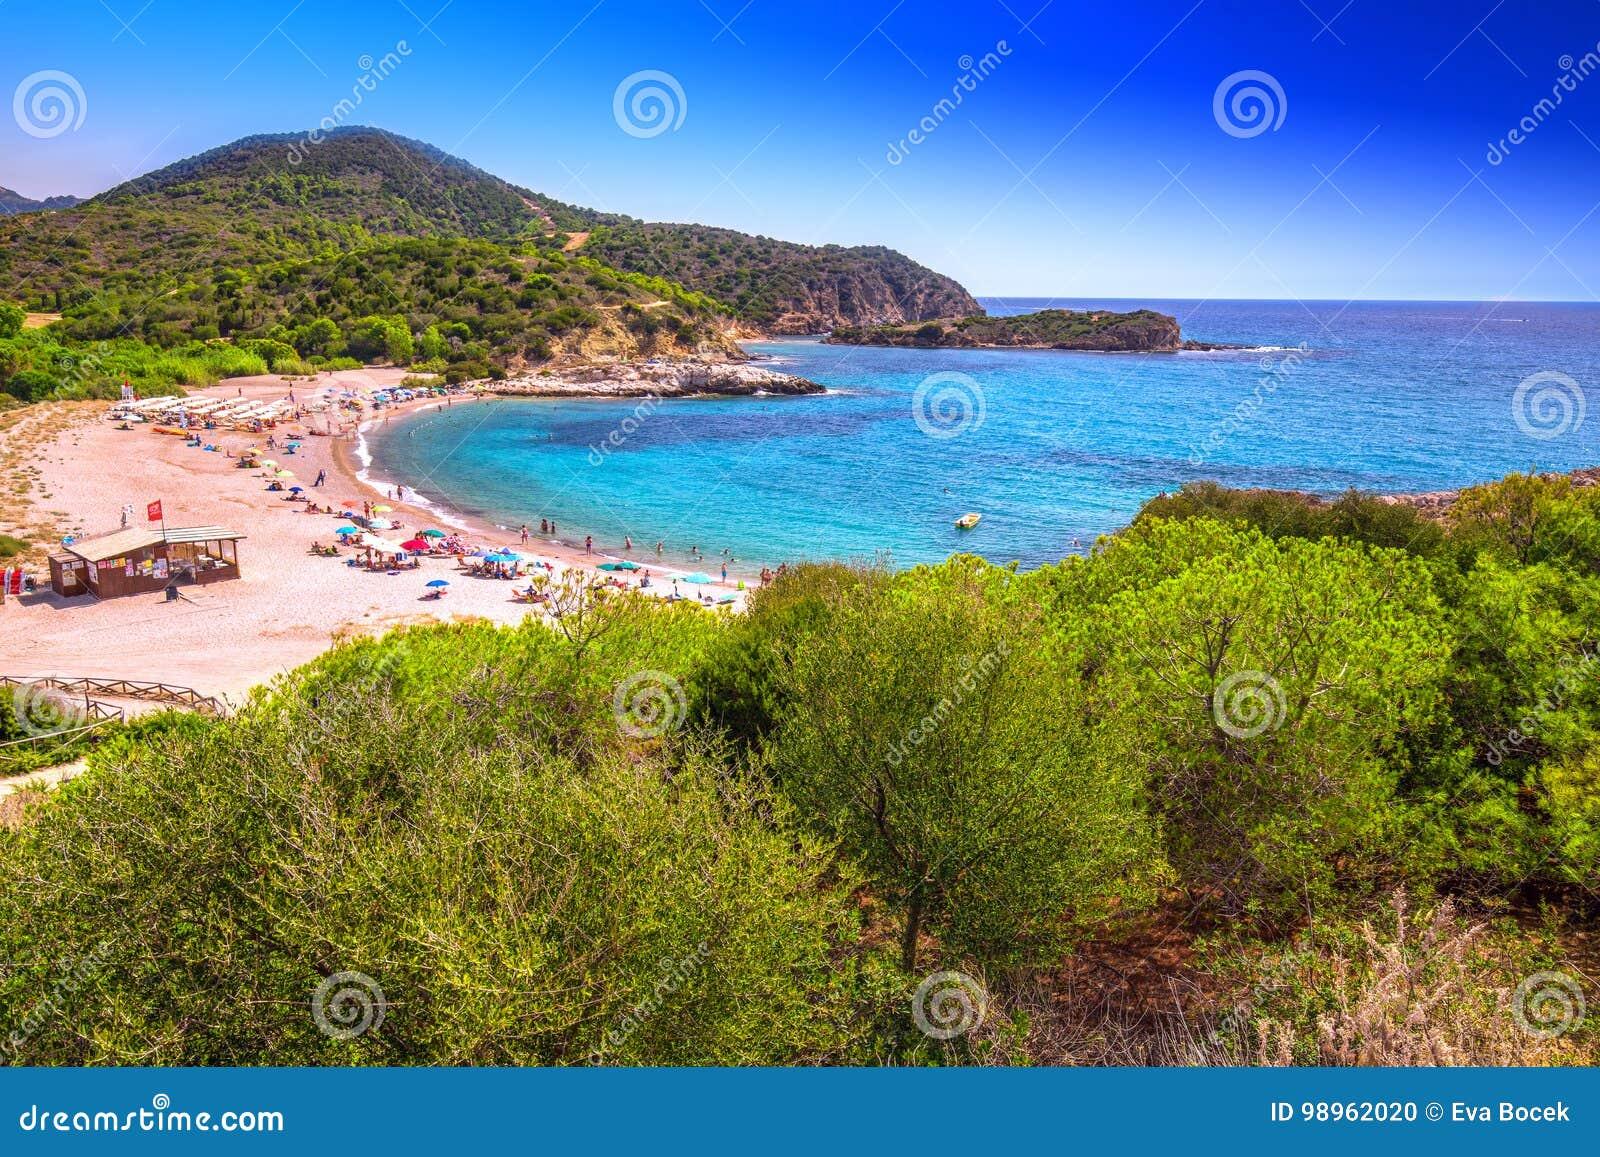 Su Portu Beach, Chia Resort, Sardinia, Italy Editorial Image ...